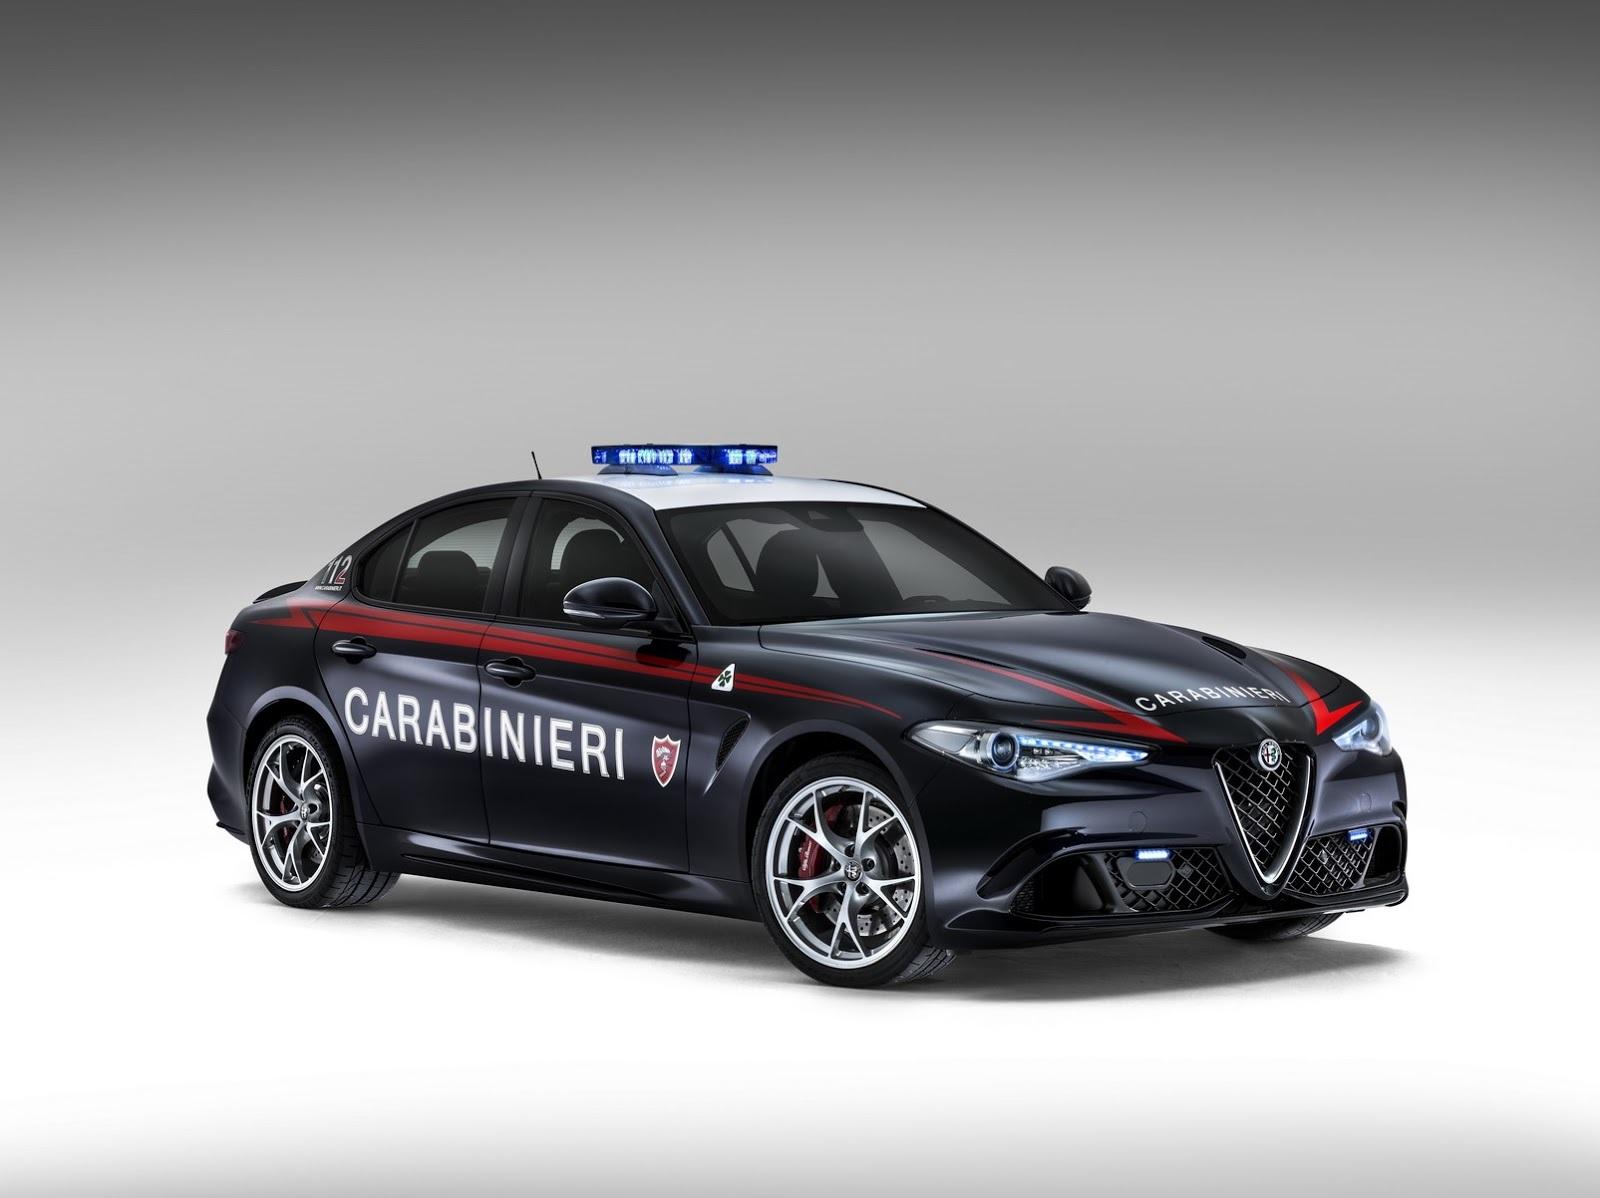 Foto de Alfa Romeo Giulia QV Carabinieri (4/32)